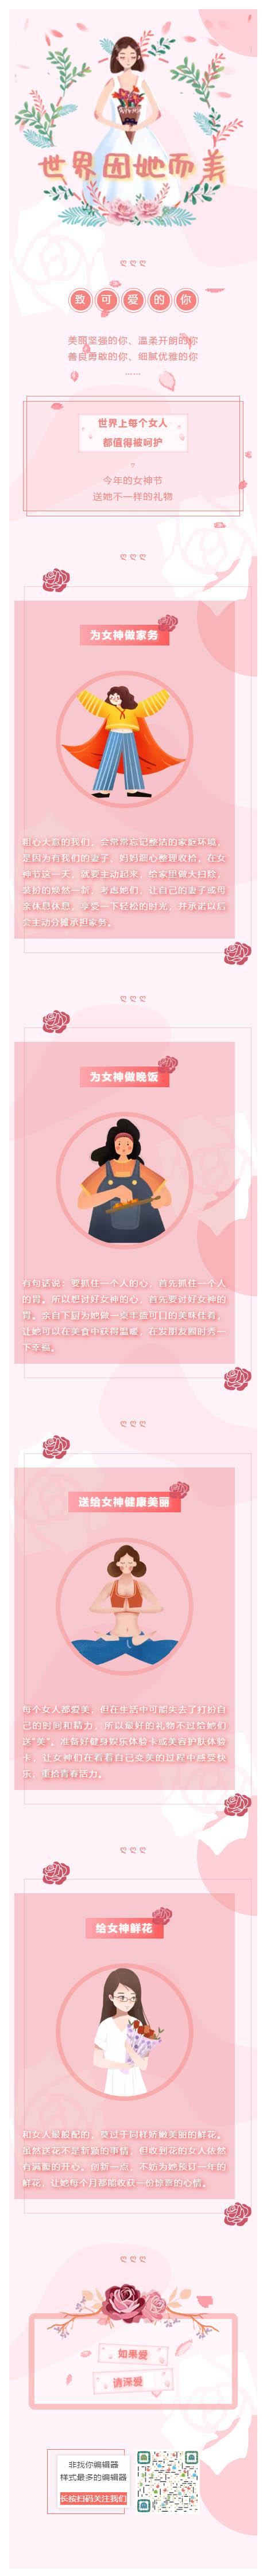 女神节粉丝色动态飘花38妇女微信公众号素材模板推文素材模板